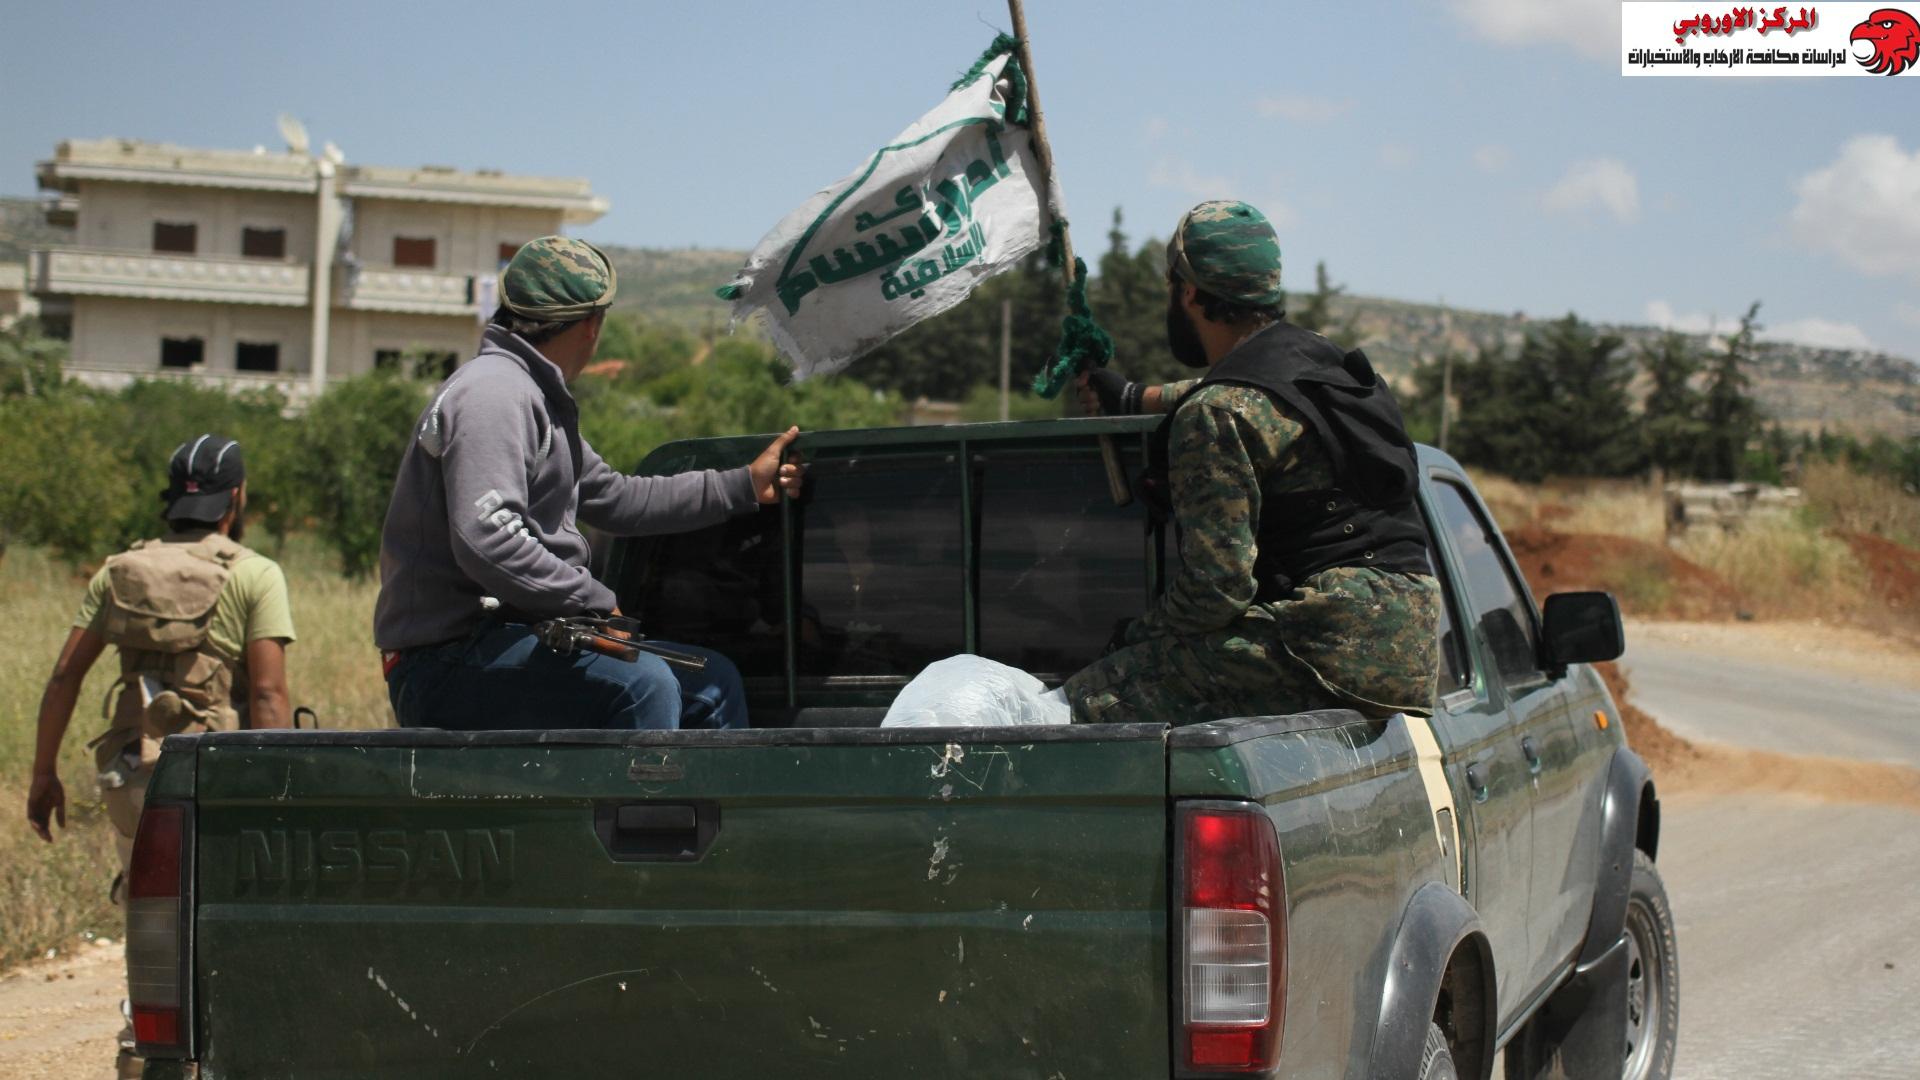 إدلب السورية… علاقات تركيا بالتنظيمات المتطرفة